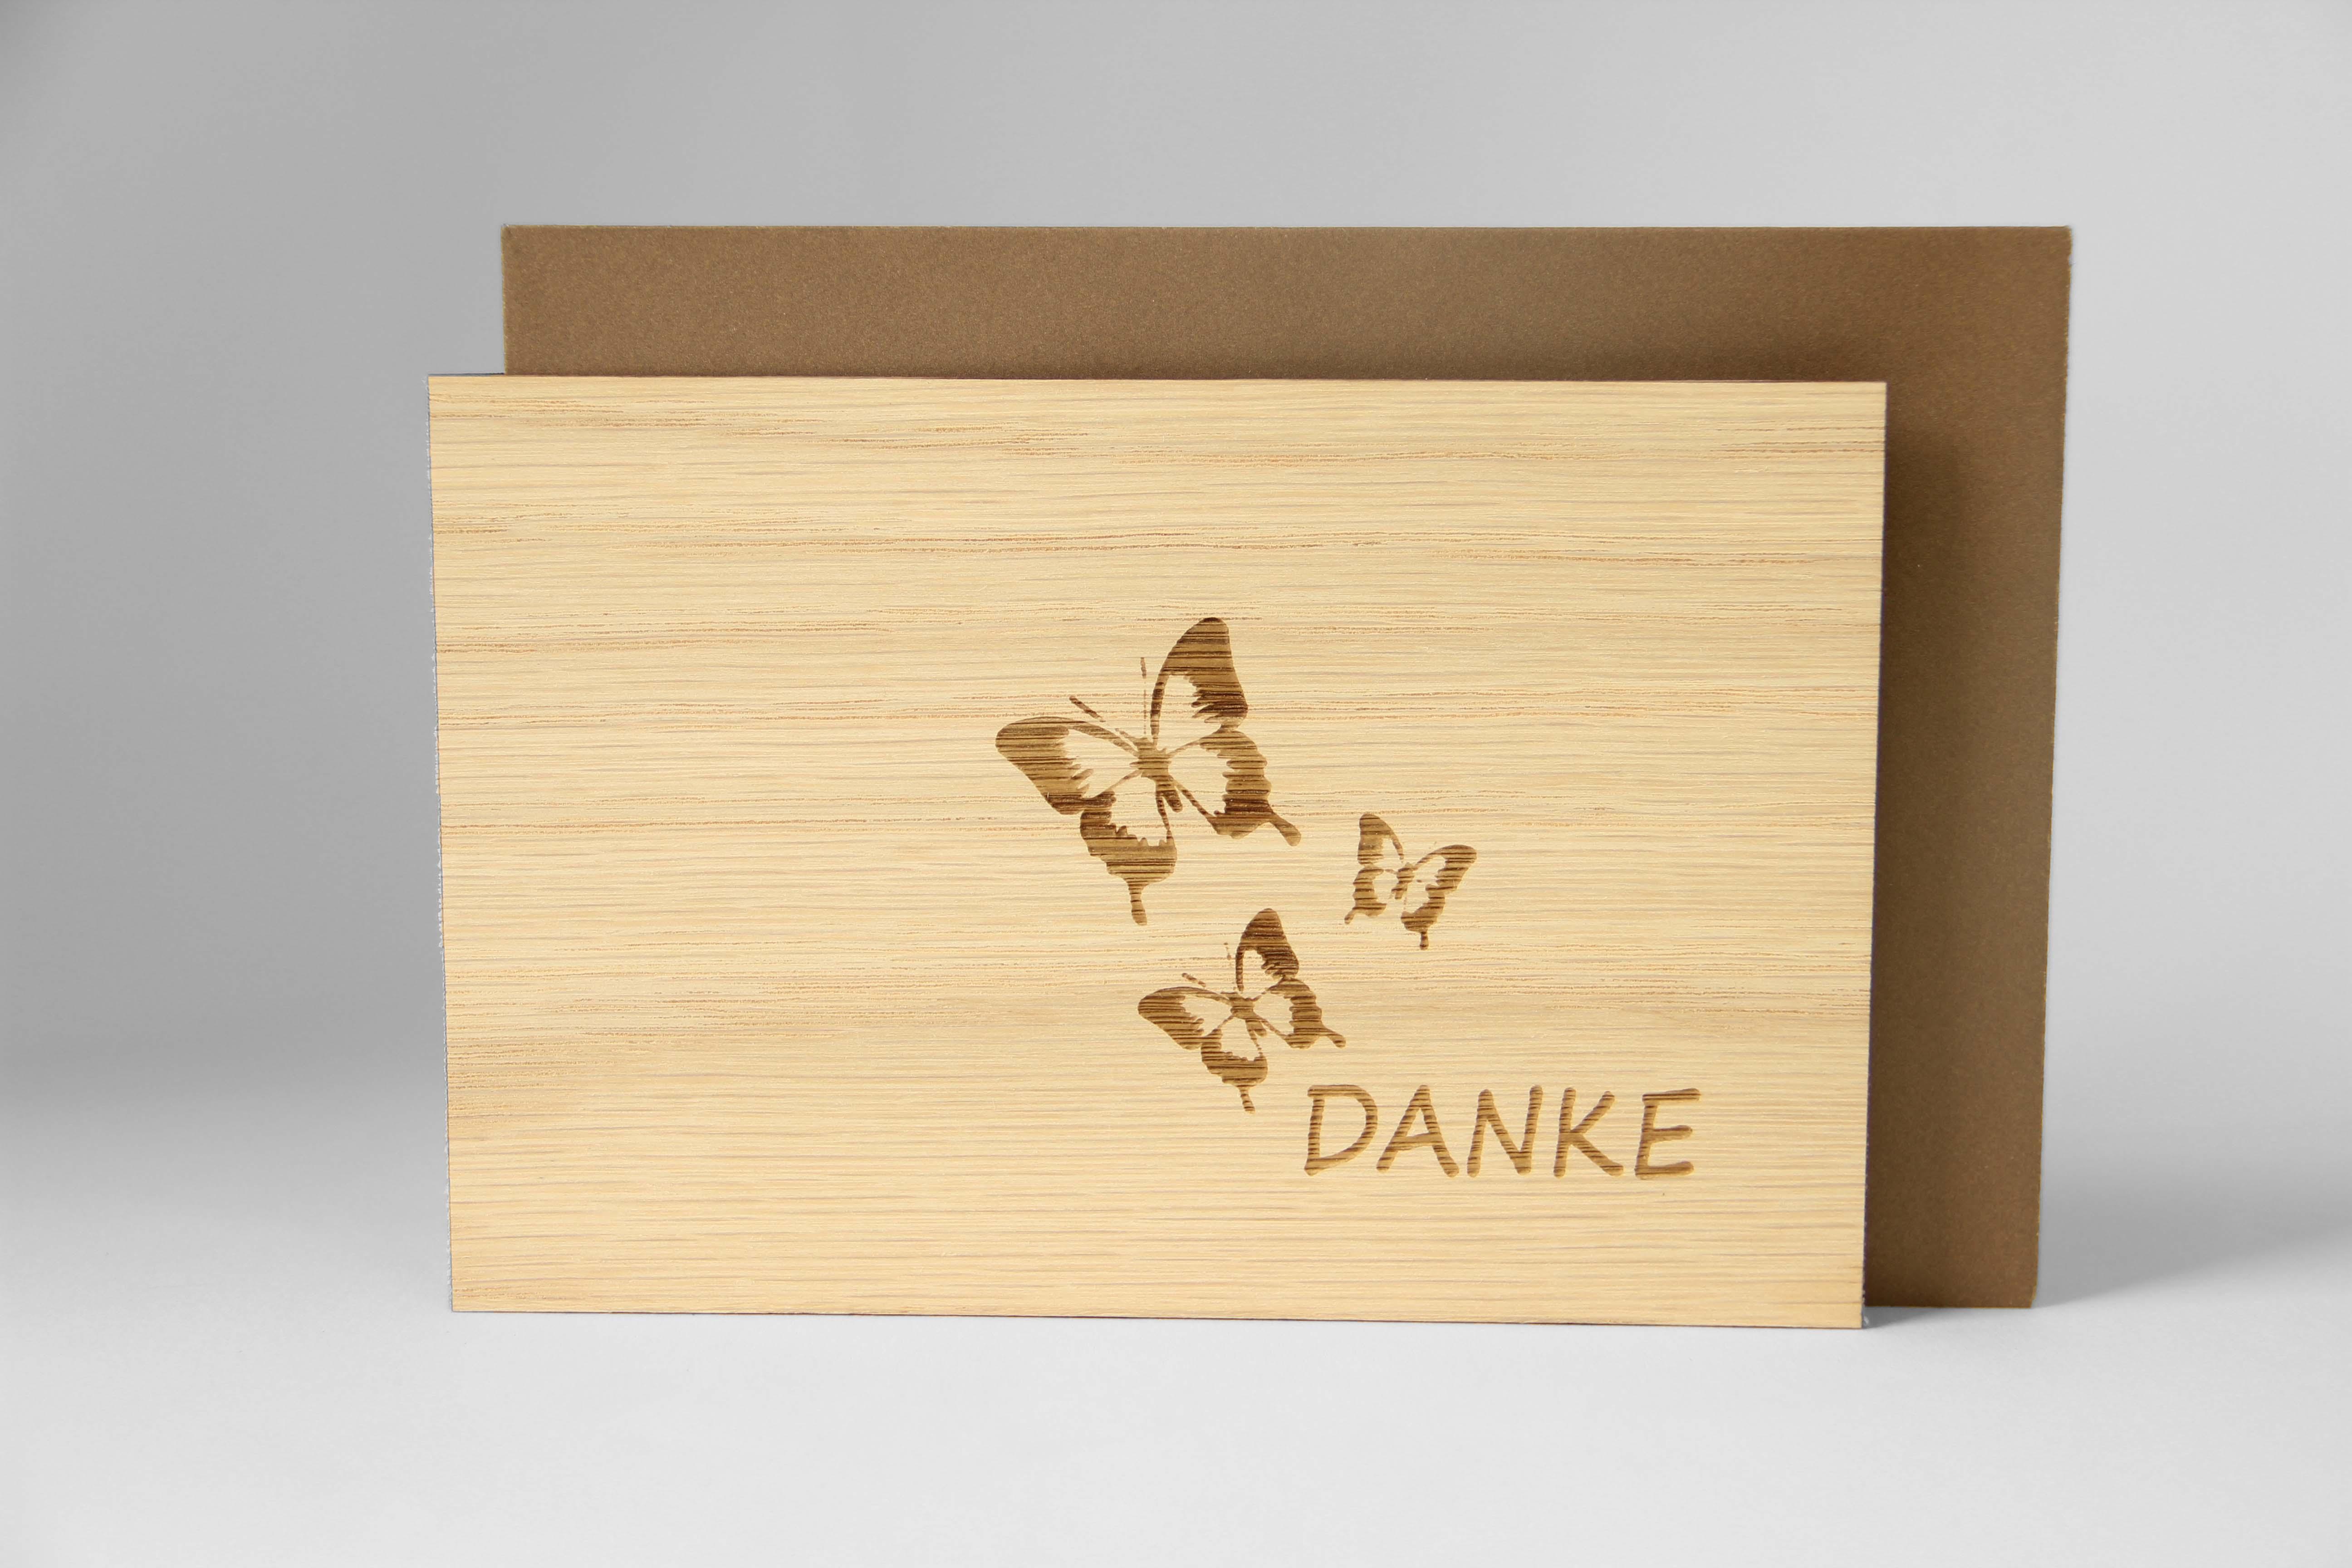 Original Holzgrußkarte - DANKE, Motiv Schmetterlinge- 100% handmade in Österreich, aus Eichenholz gefertigte Dankeskarte, Grußkarte, Klappkarte, Postkarte, Geburtstagskarte